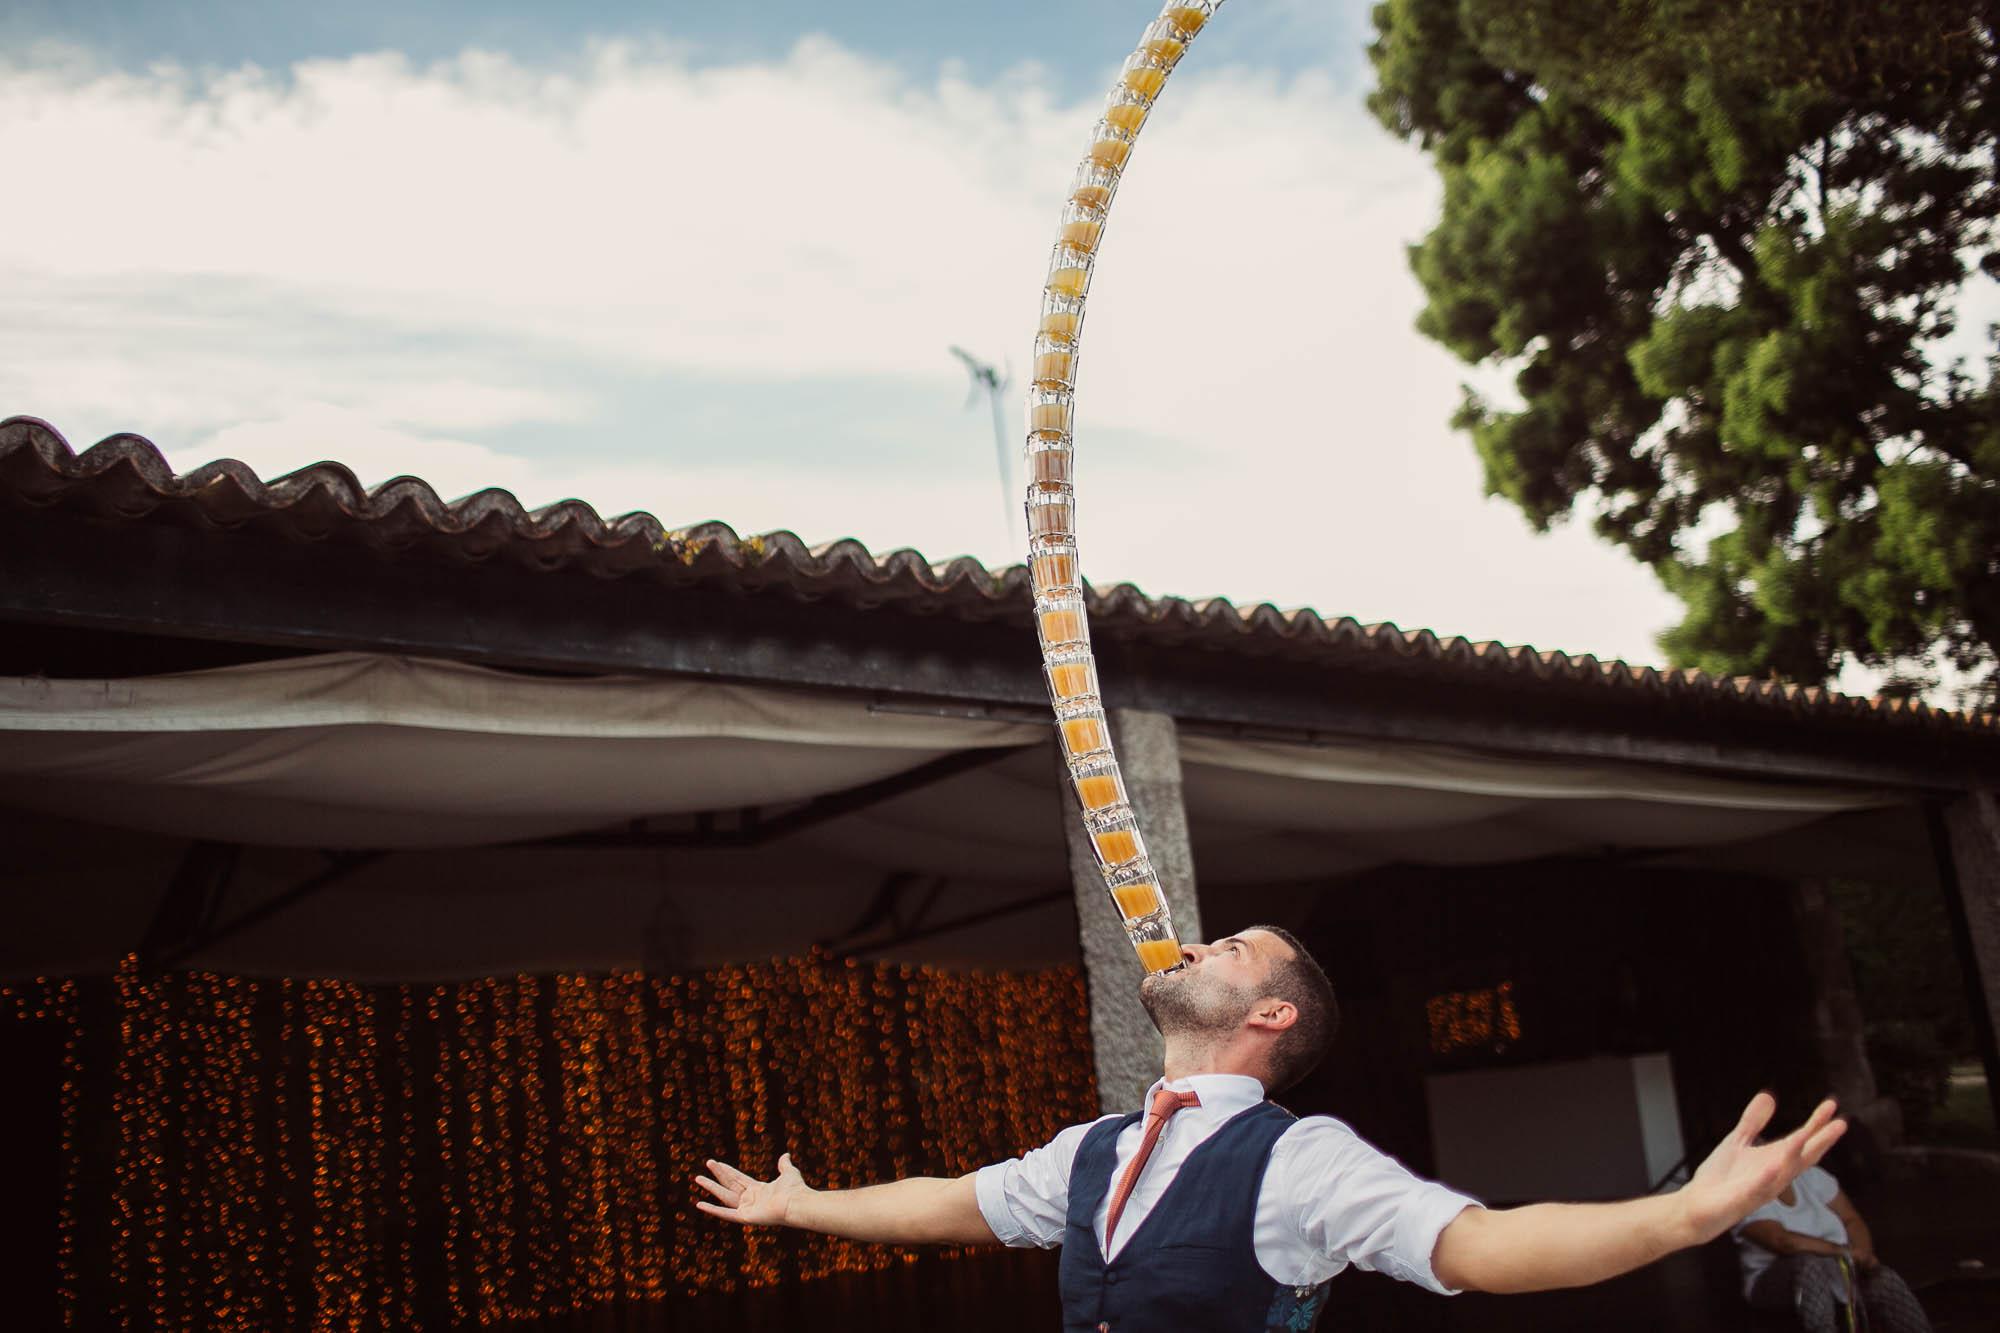 El barman haciendo equilibrio con una torre de veinte vasos sobre su boca